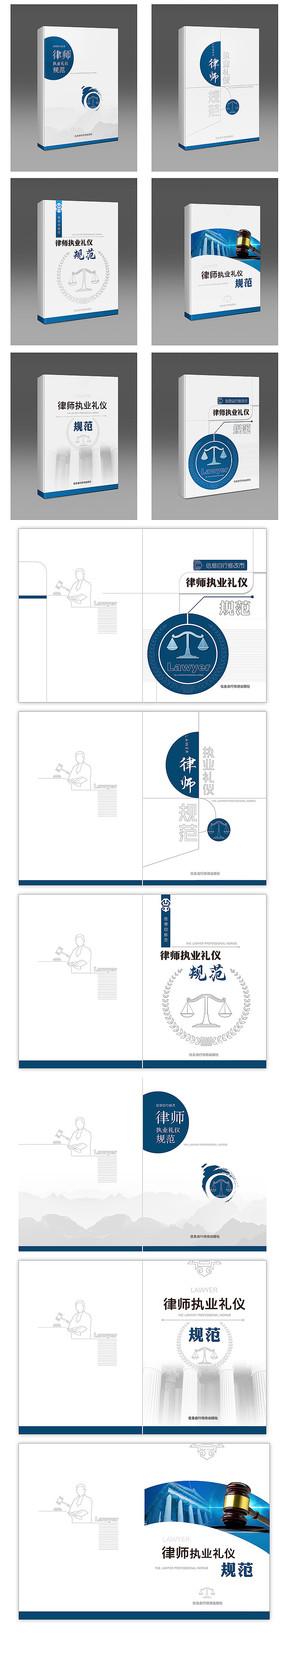 法律书籍封面设计